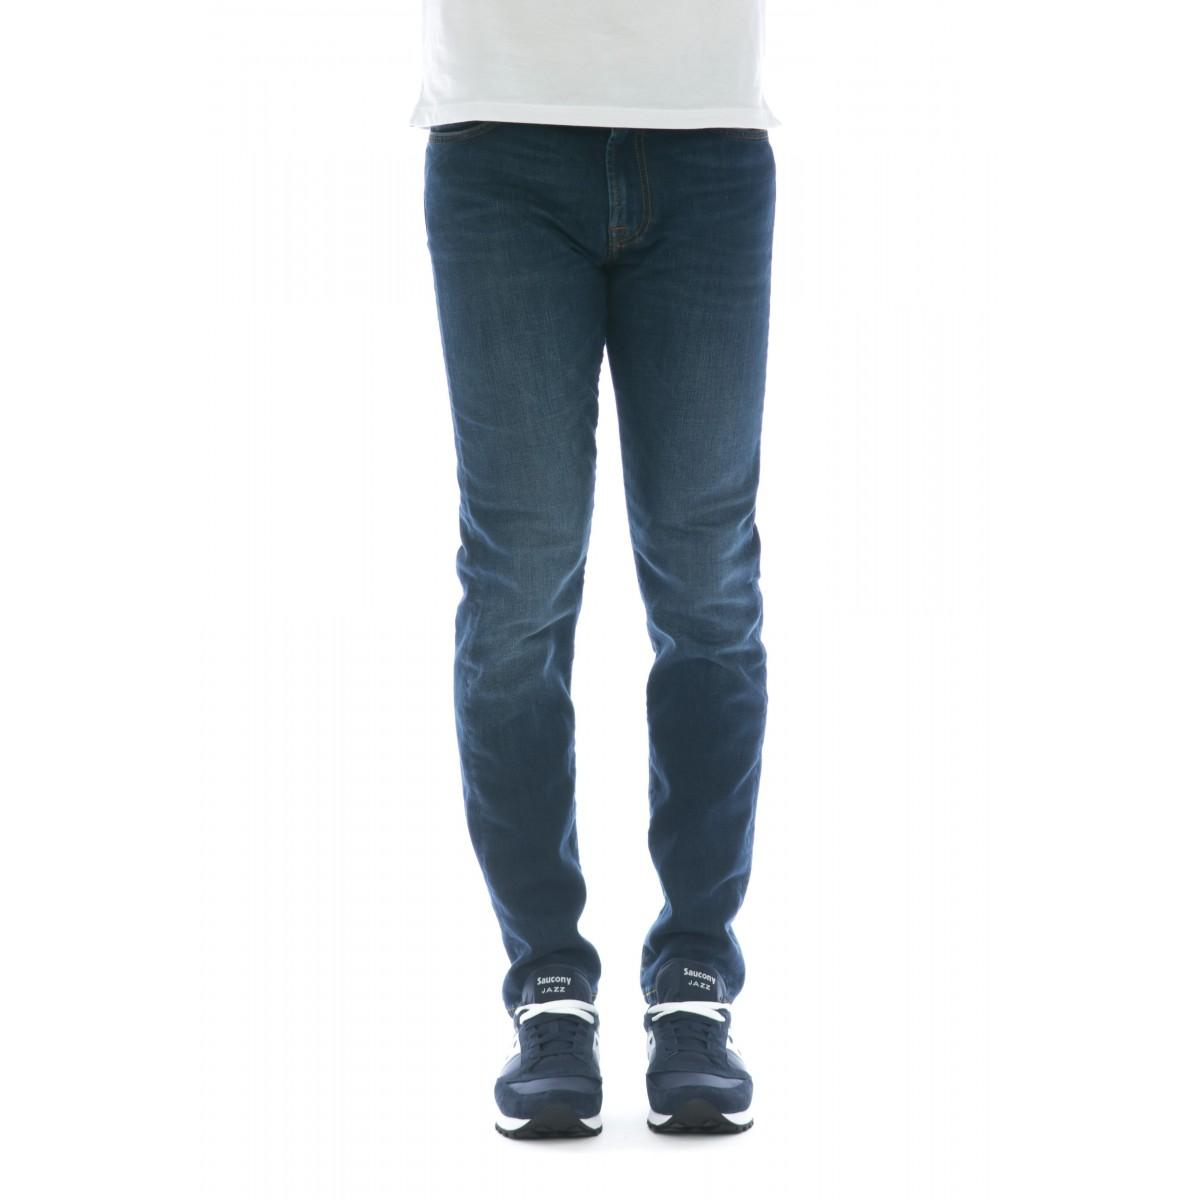 Jeans - 517 nozeleg